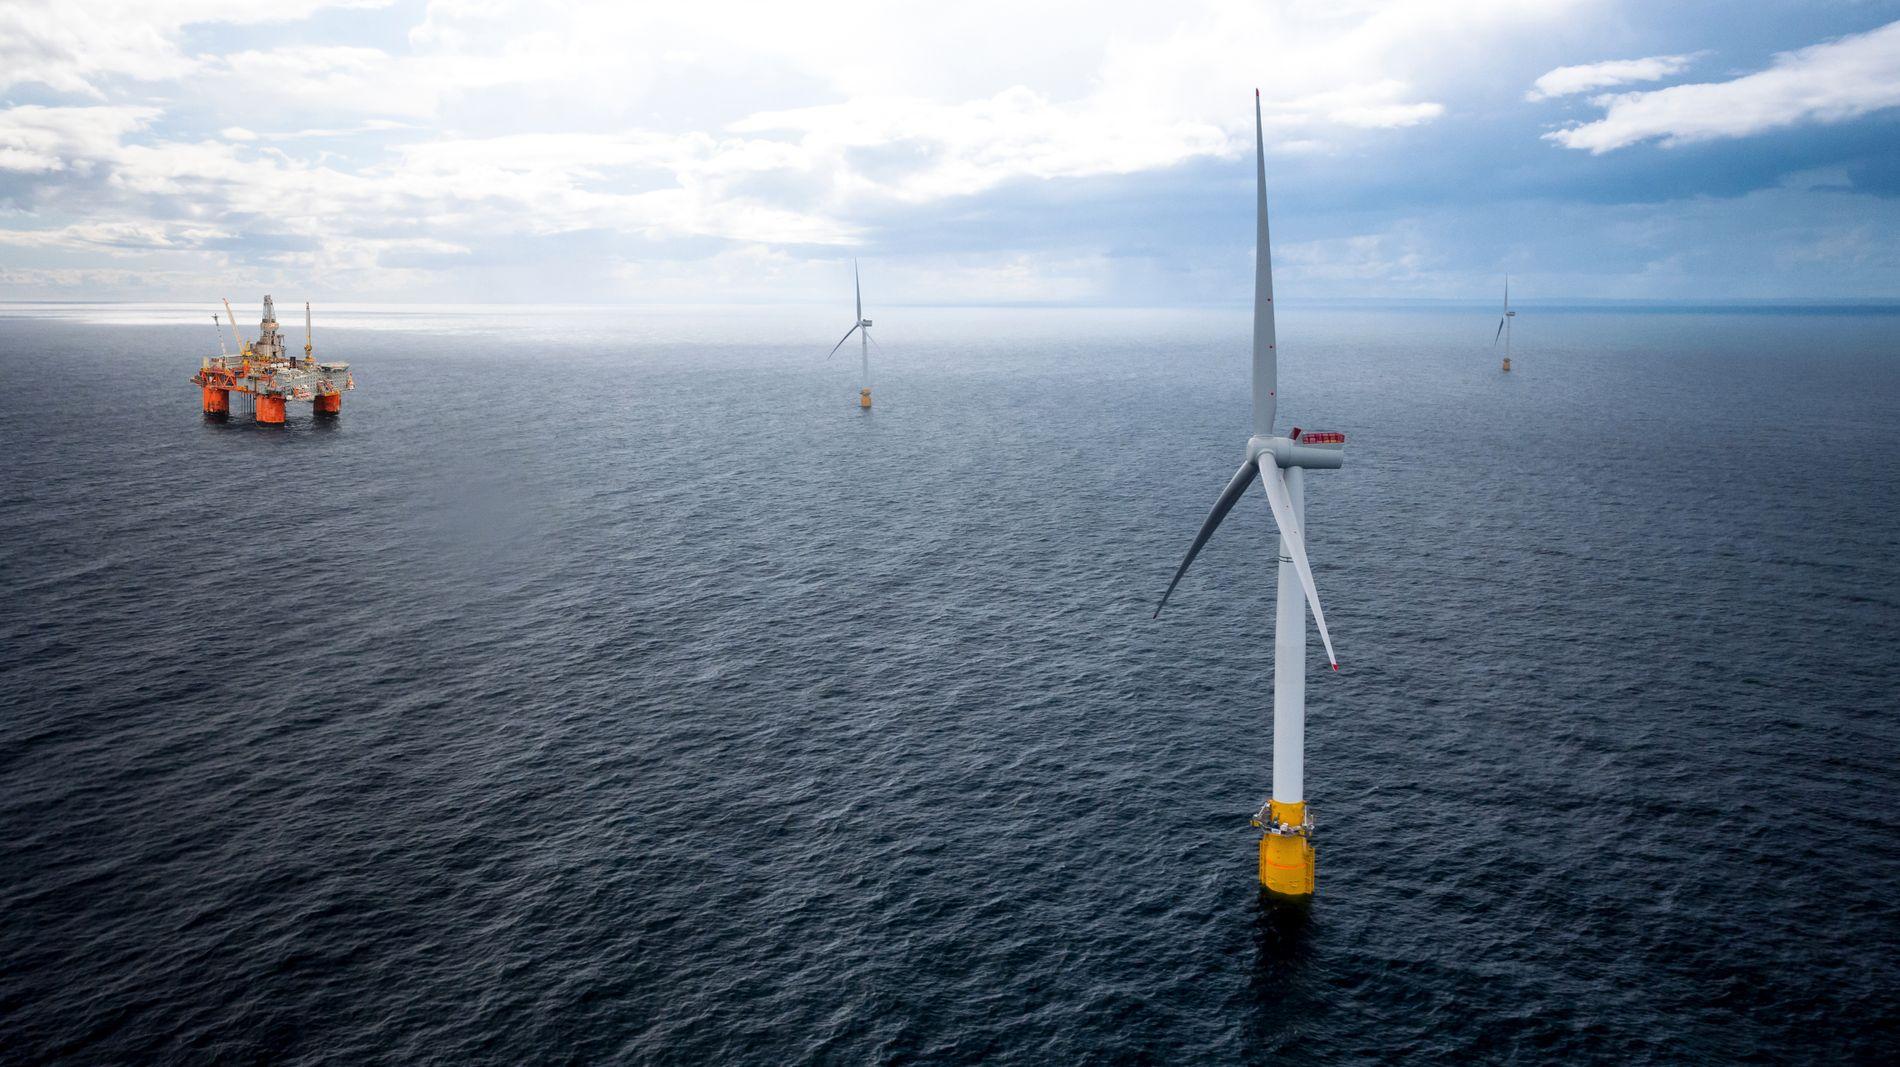 FREMTIDEN: Equinor planlegger vindturbiner i Tampen-området i Nordsjøen. Flytende vindmølleparker kan gi en ny fremtid til leverandørindustrien (Illustrasjon: Equinor).